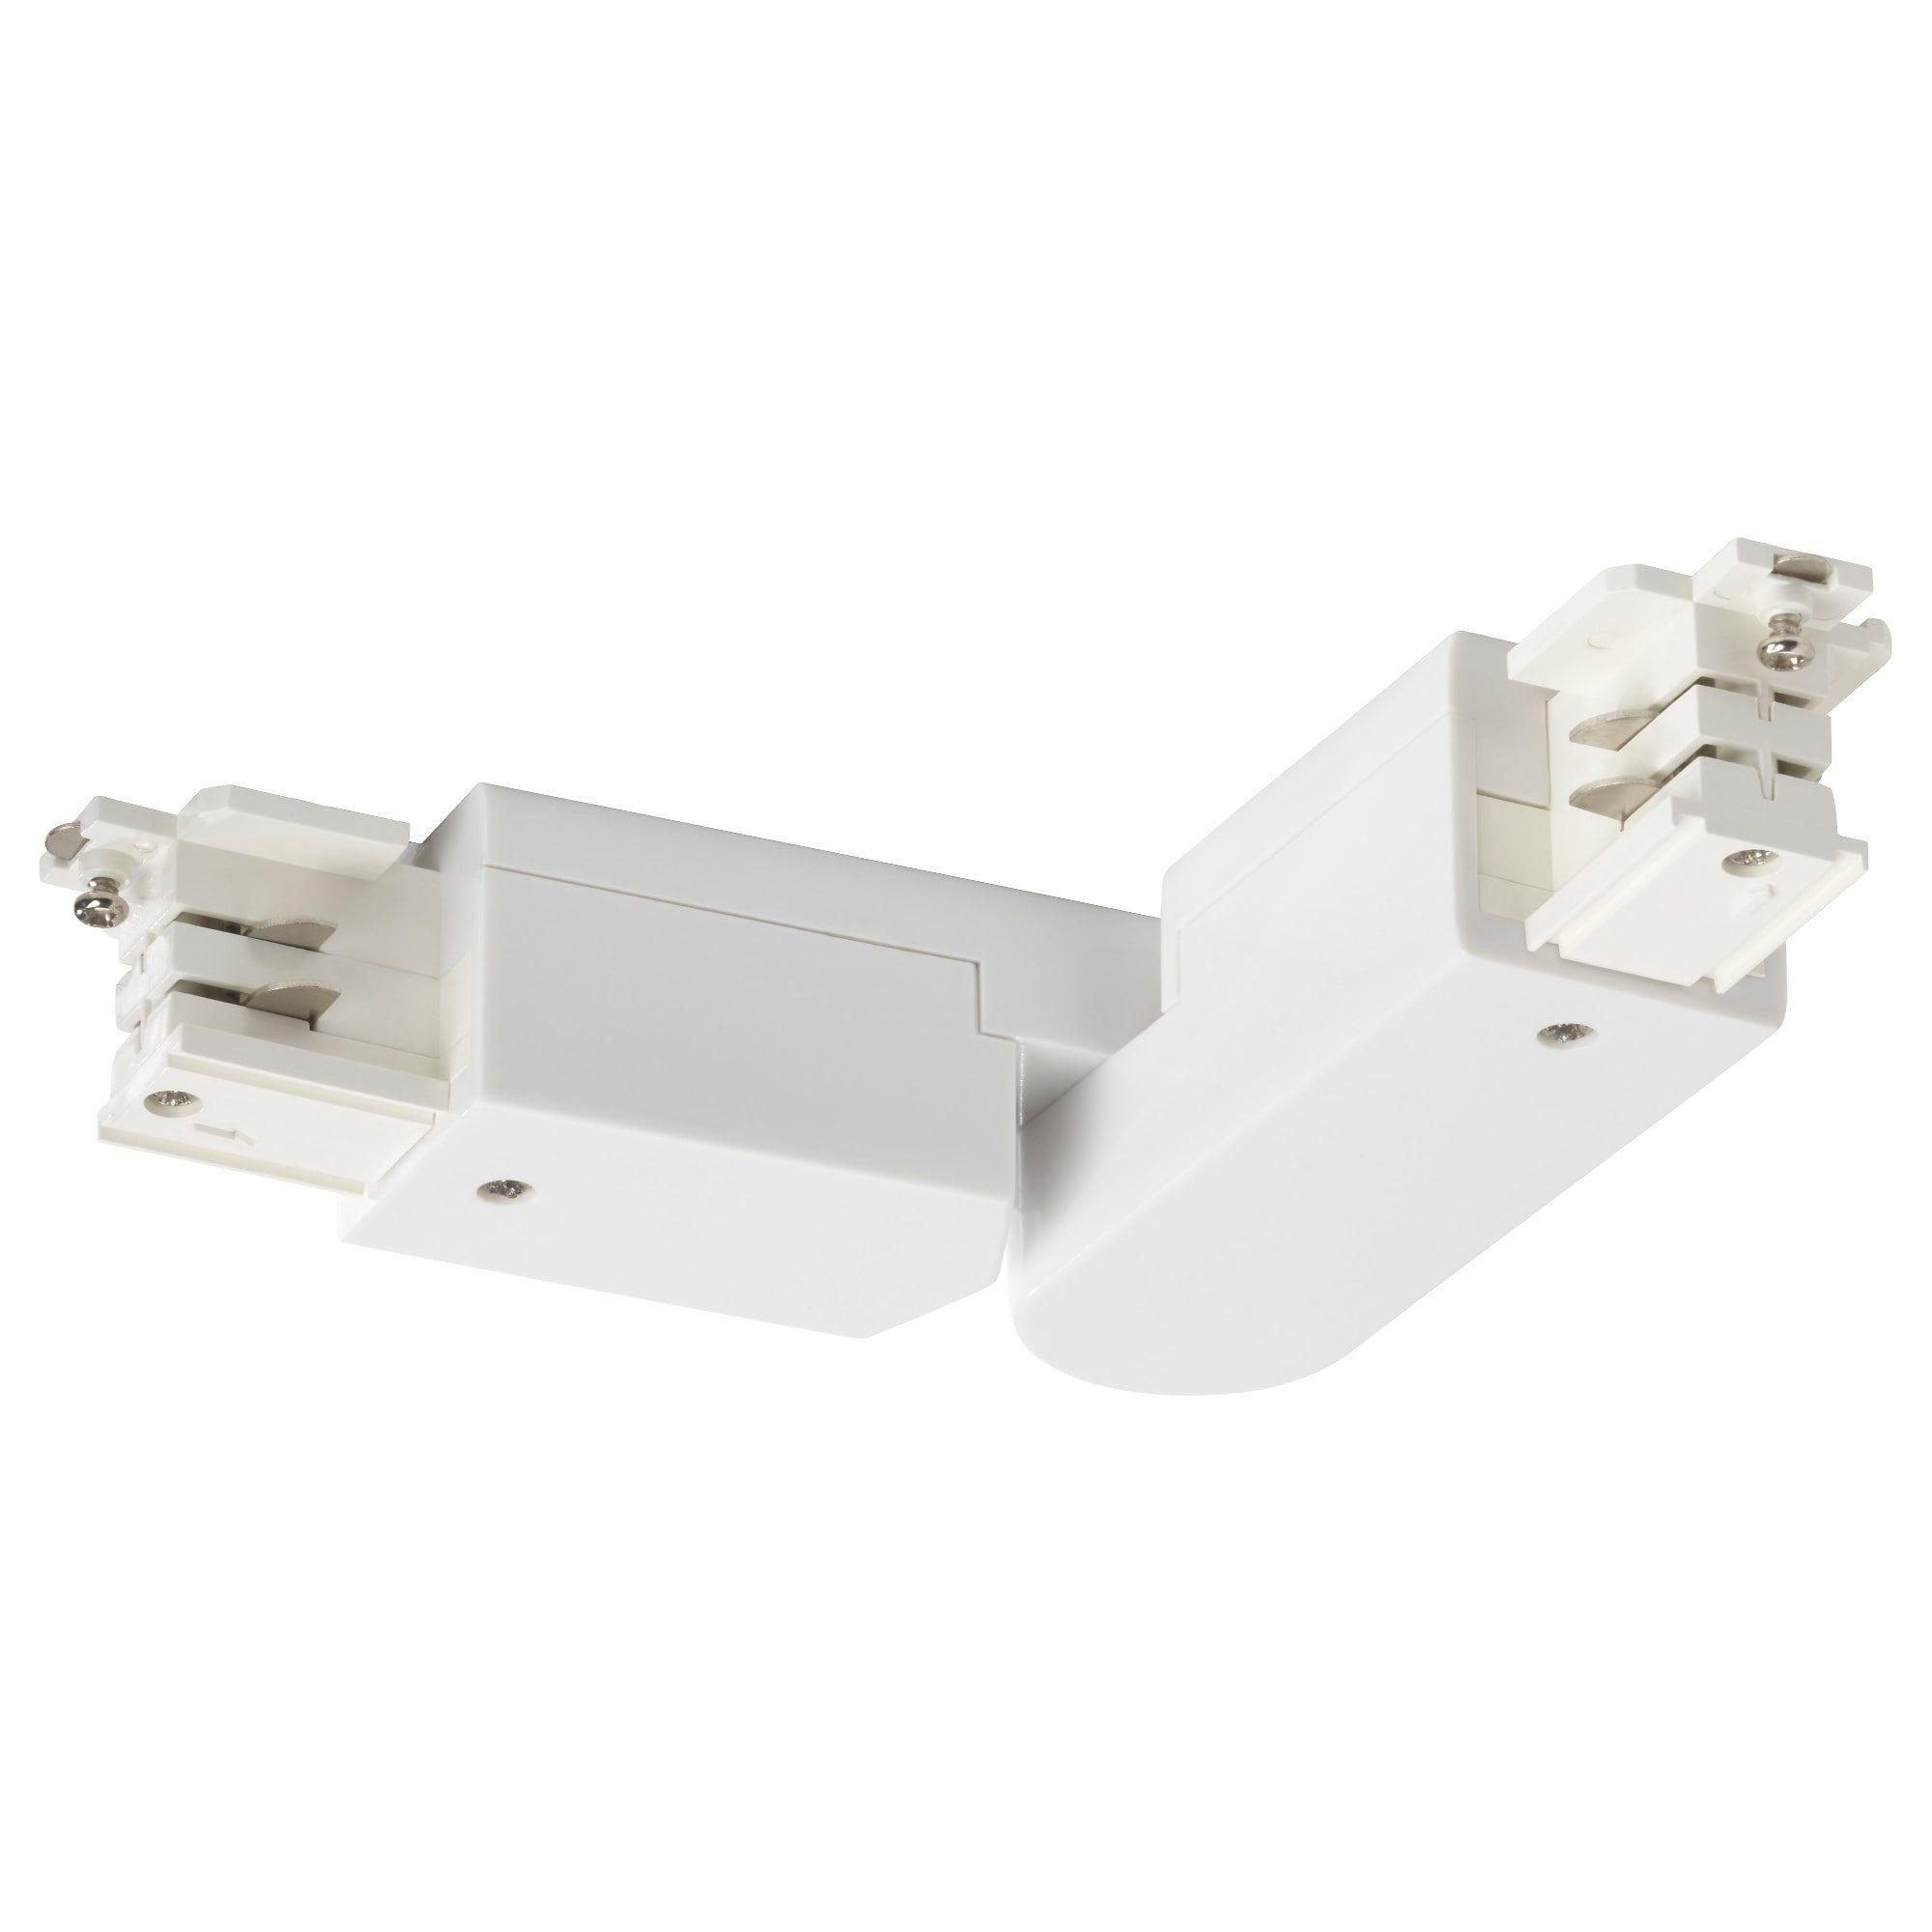 Skeninge Conector Angular Blanco Ikea Winkel Und Leuchten